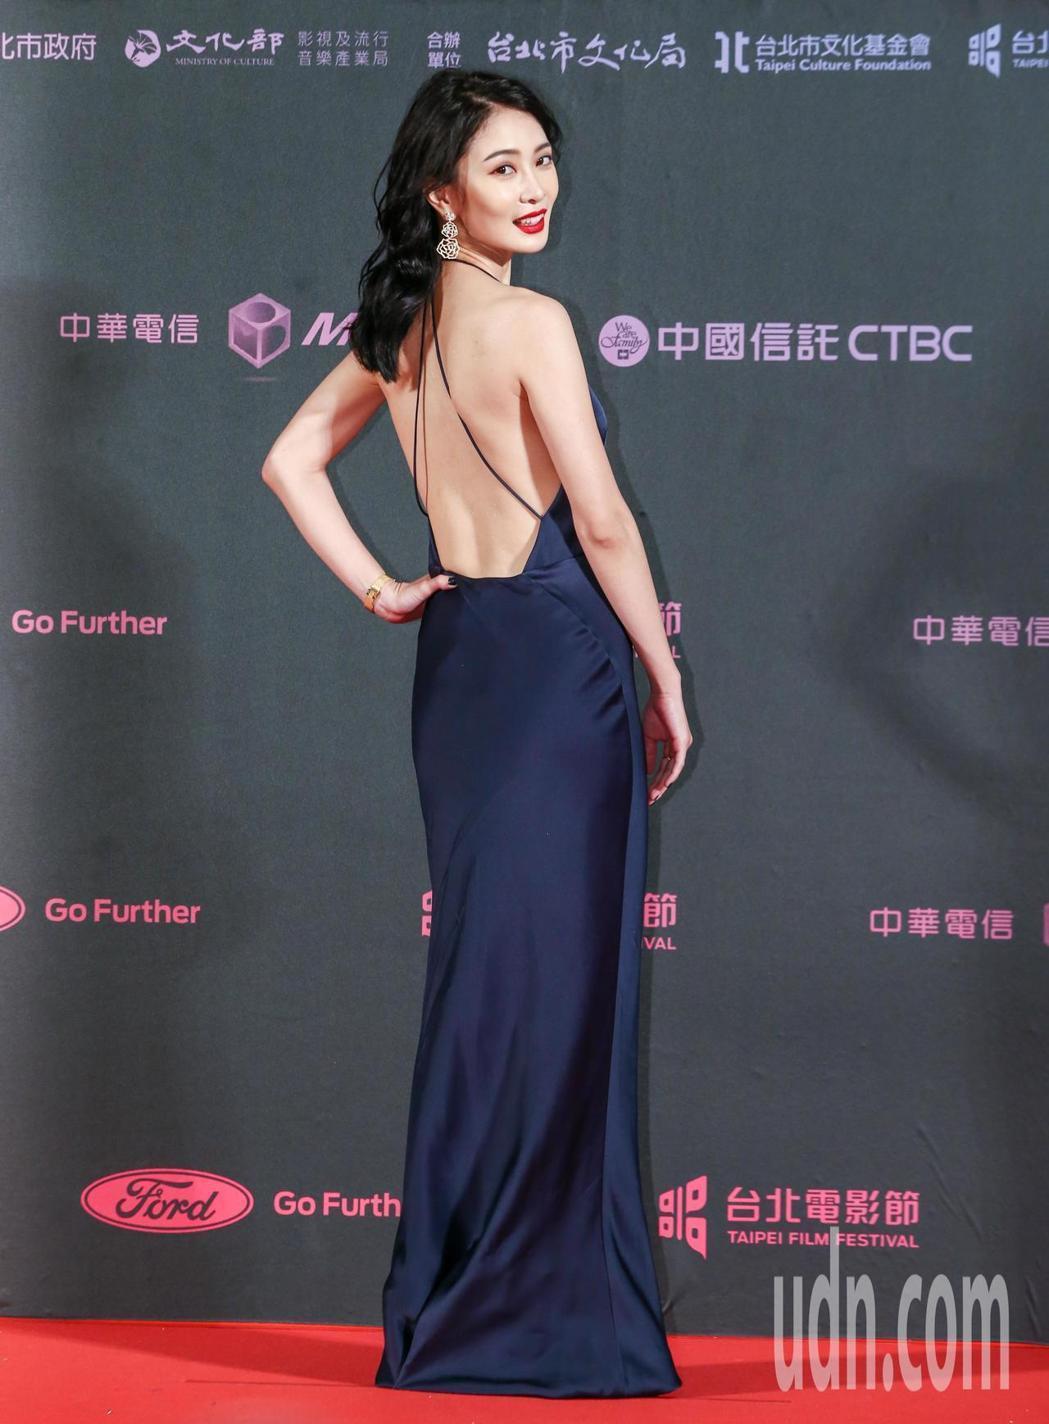 台北電影獎劇情長片野雀之詩女主角李亦捷配戴伯爵珠寶秀出美背。記者曾原信/攝影